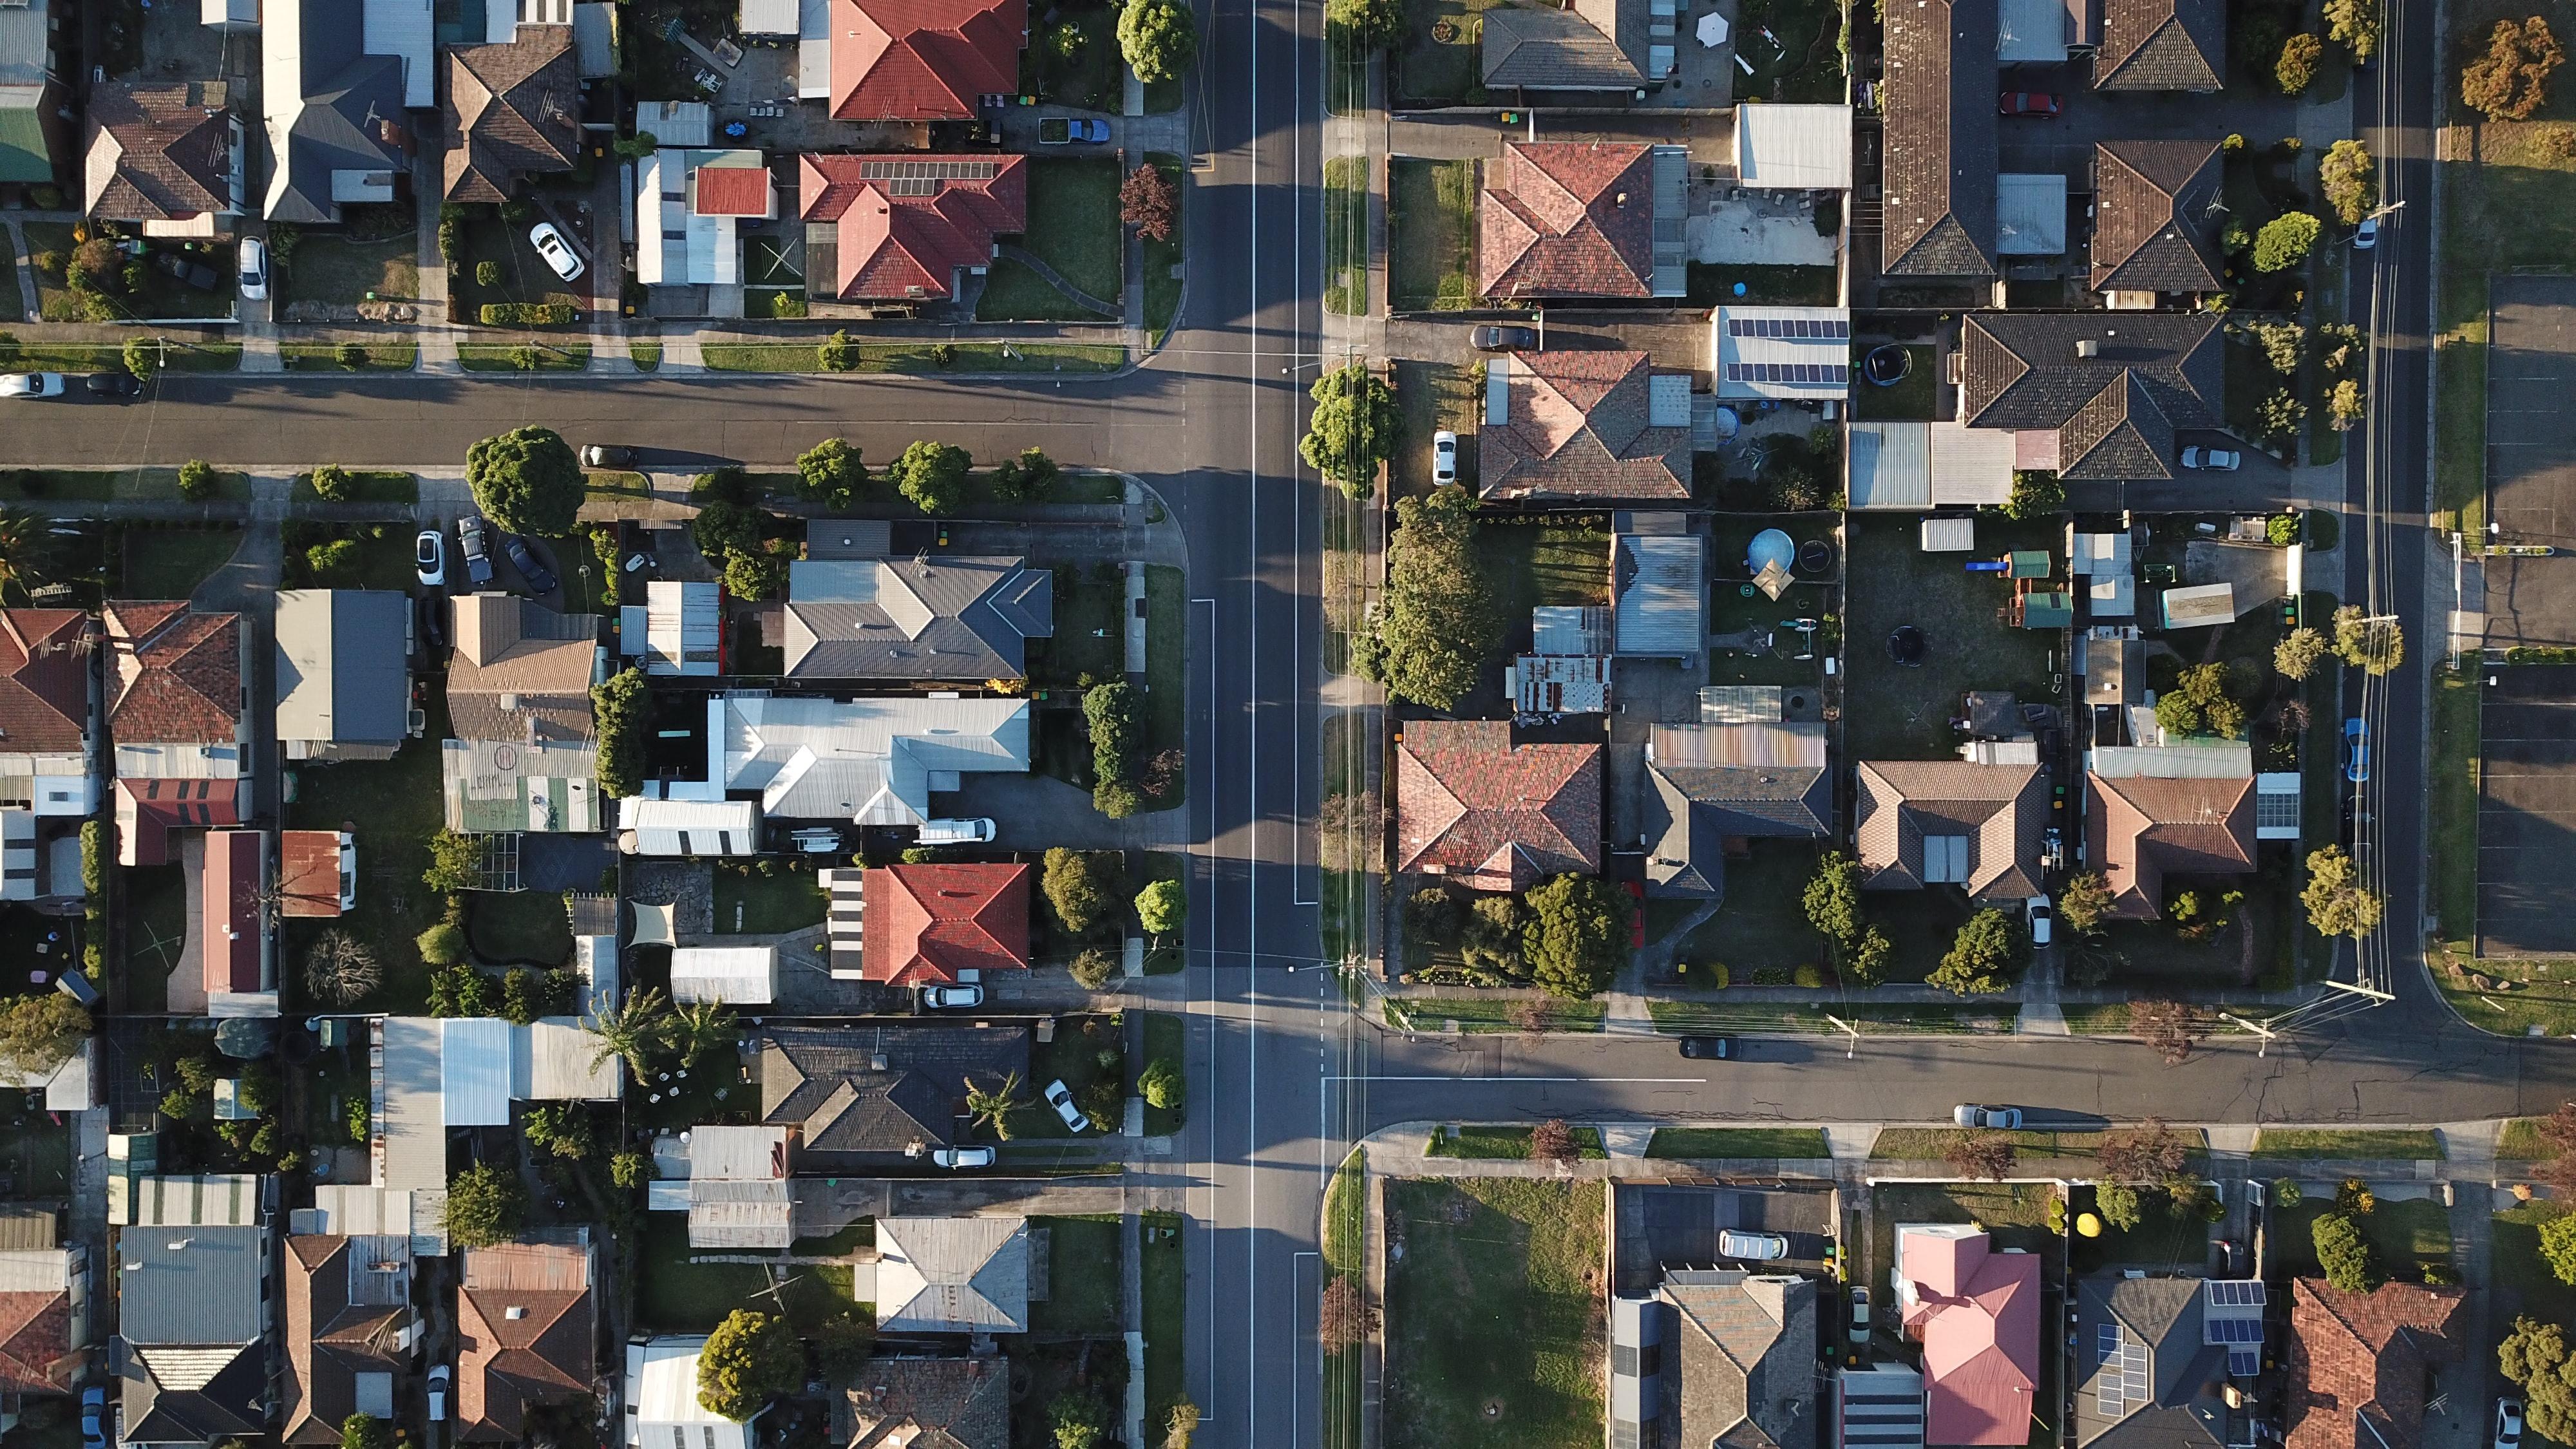 房地产市场走低,正是买入的好时机